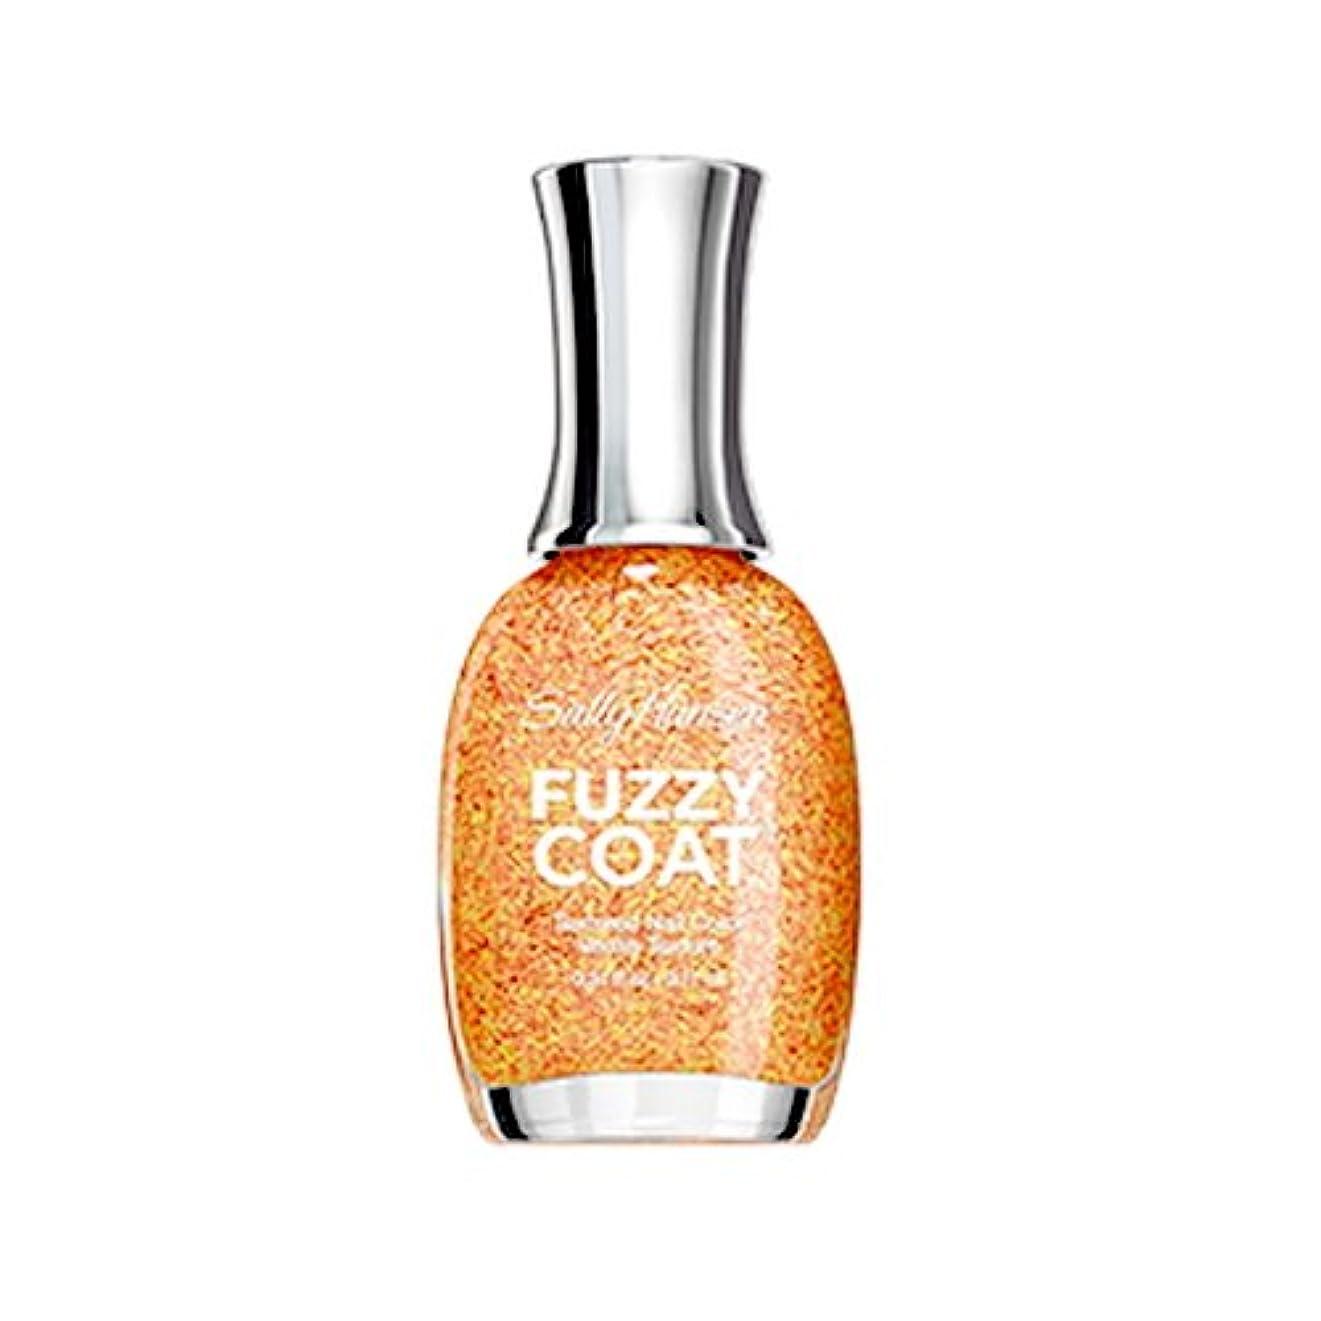 水差し補う特性SALLY HANSEN Fuzzy Coat Special Effect Textured Nail Color - Peach Fuzz (並行輸入品)